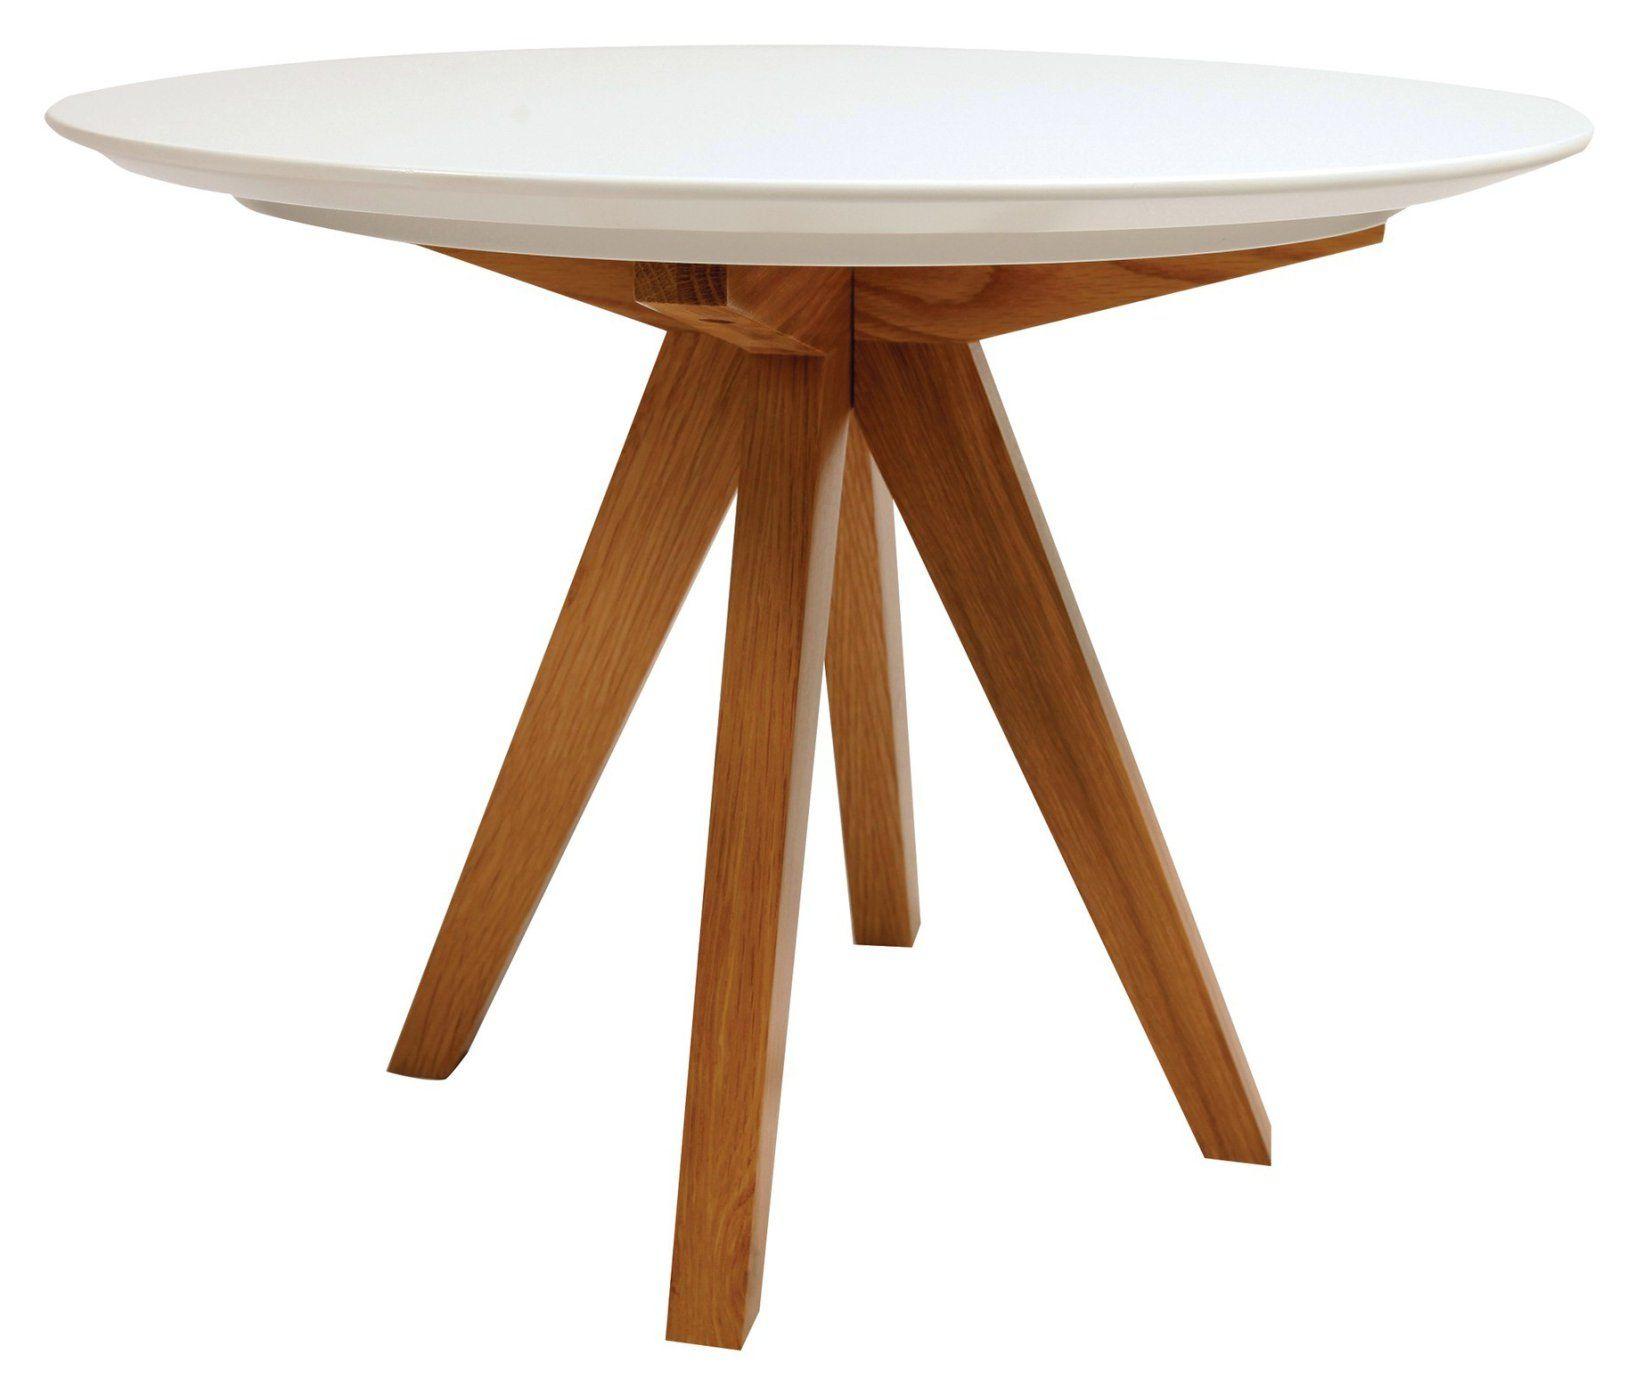 Tisch Rund Zum Ausziehen.Holztisch Rund Küchentisch Rund Runder Holztisch Und